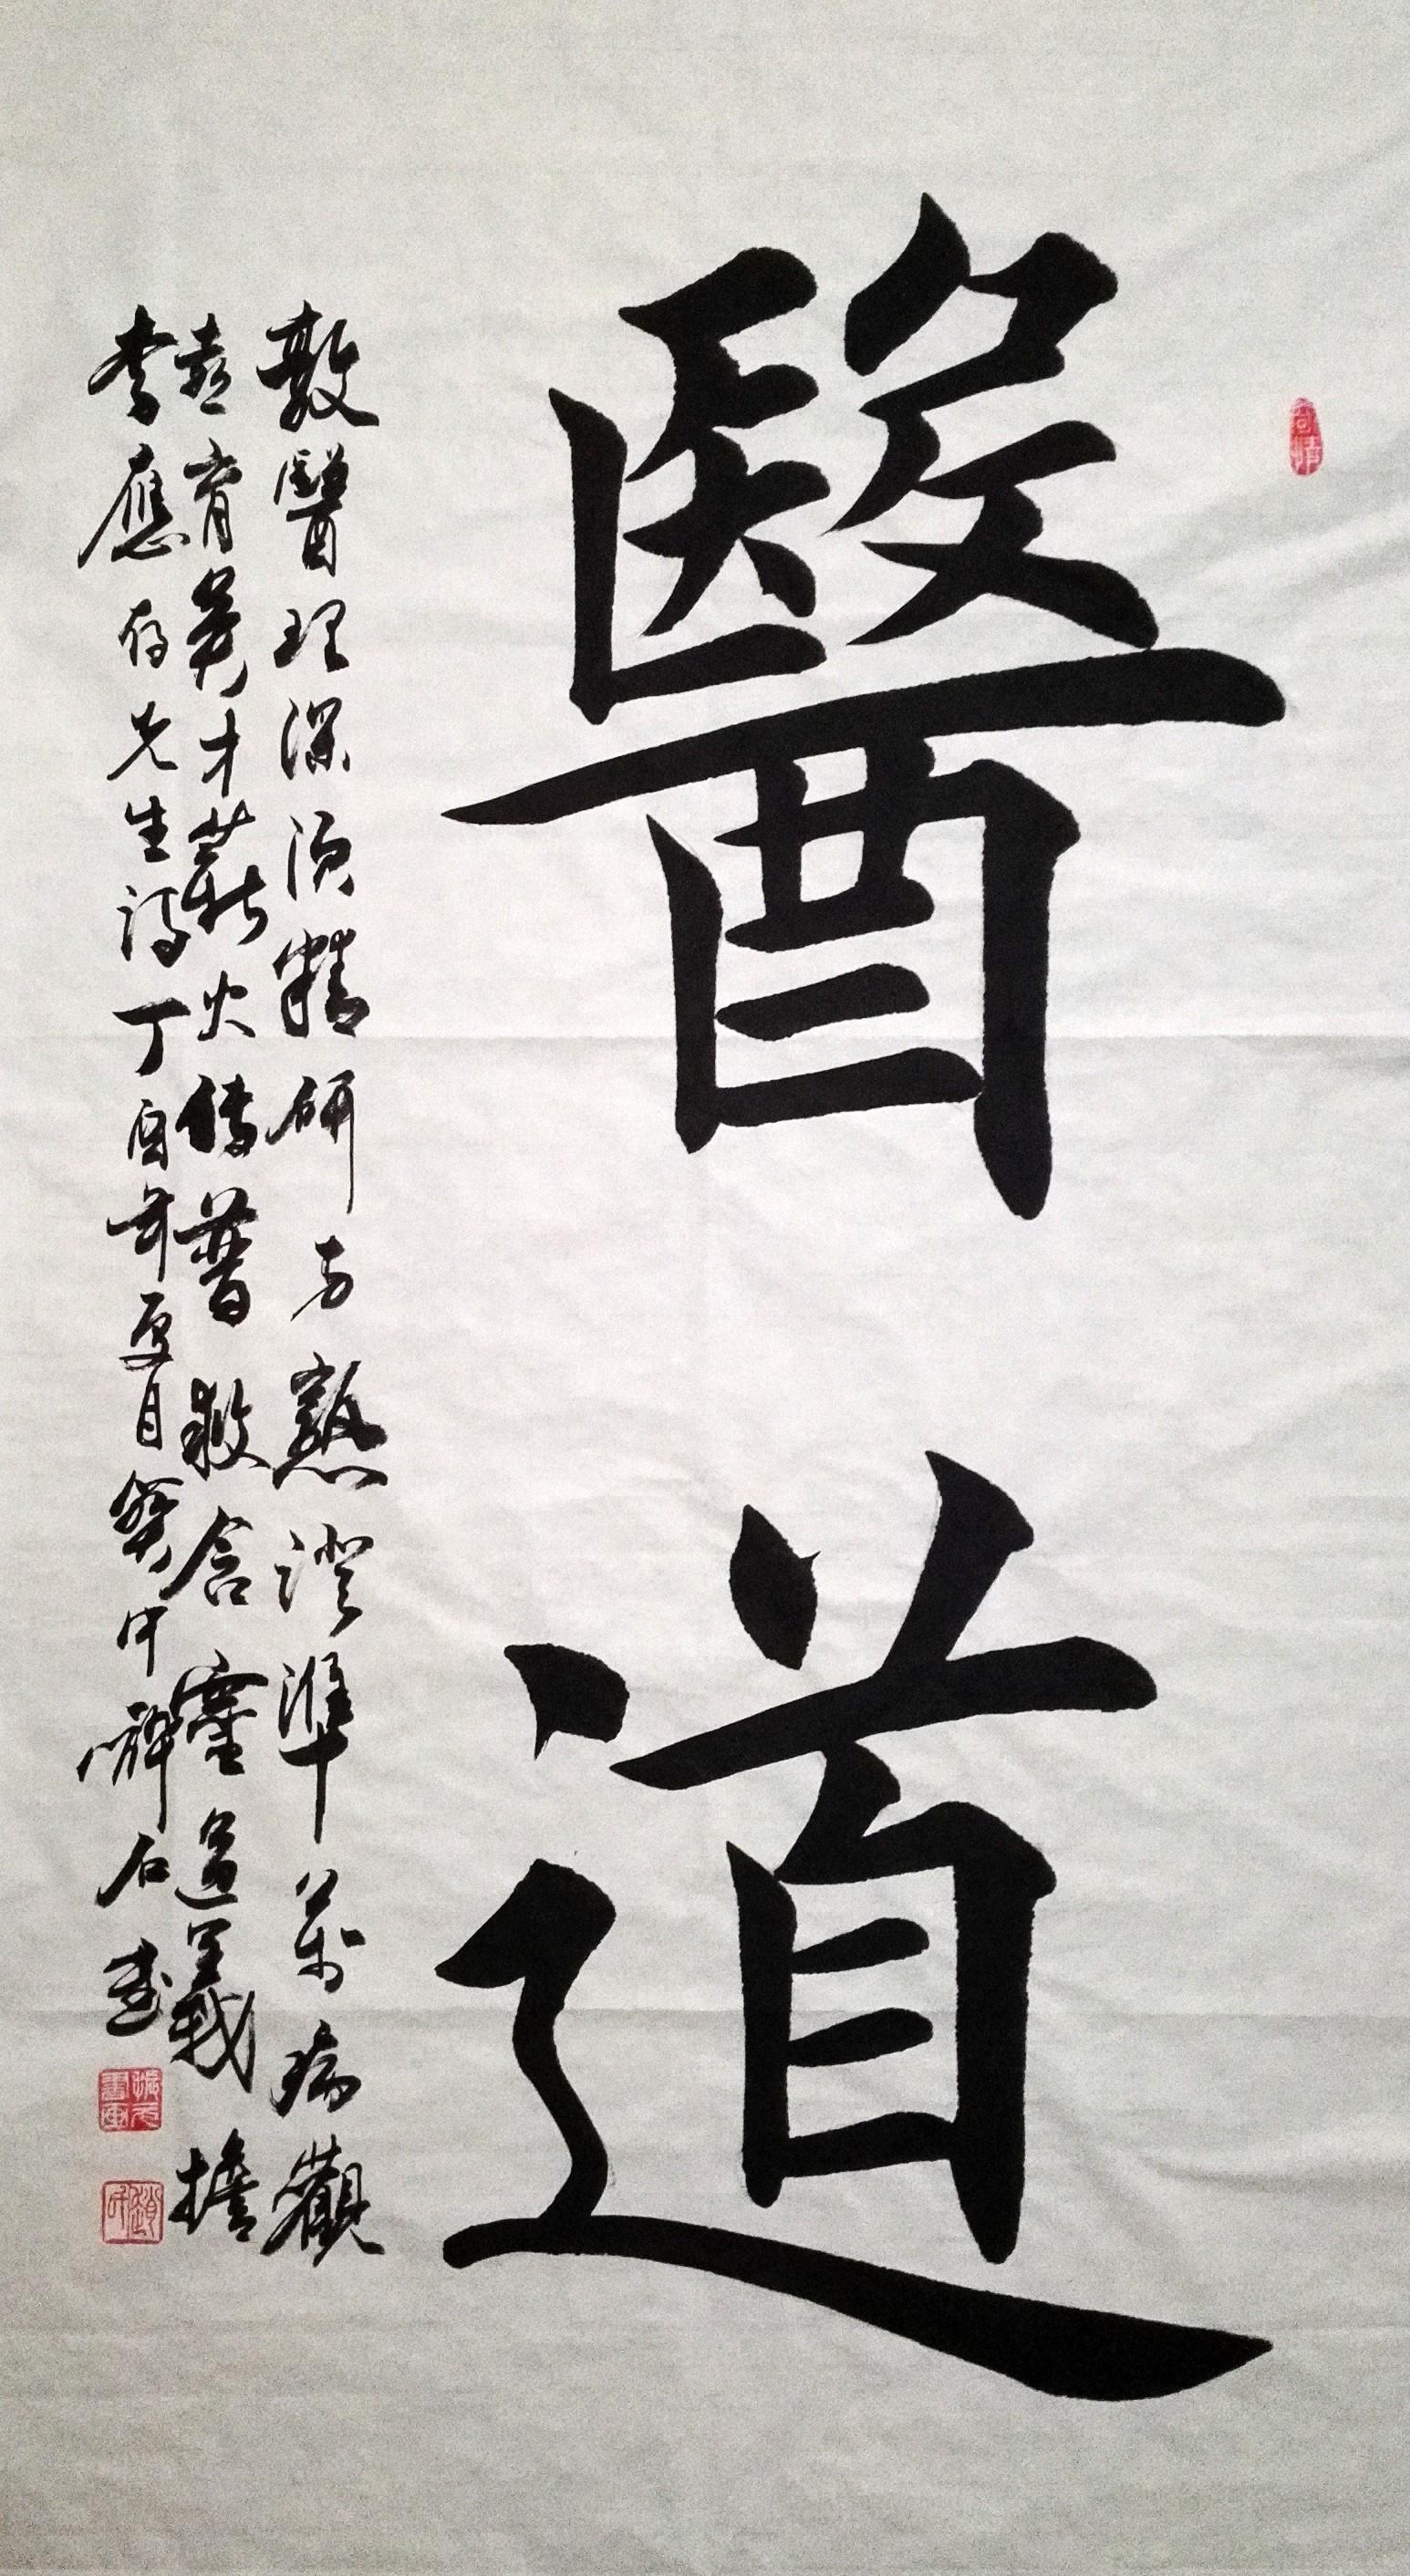 中医医史文献学科带头人――李应存